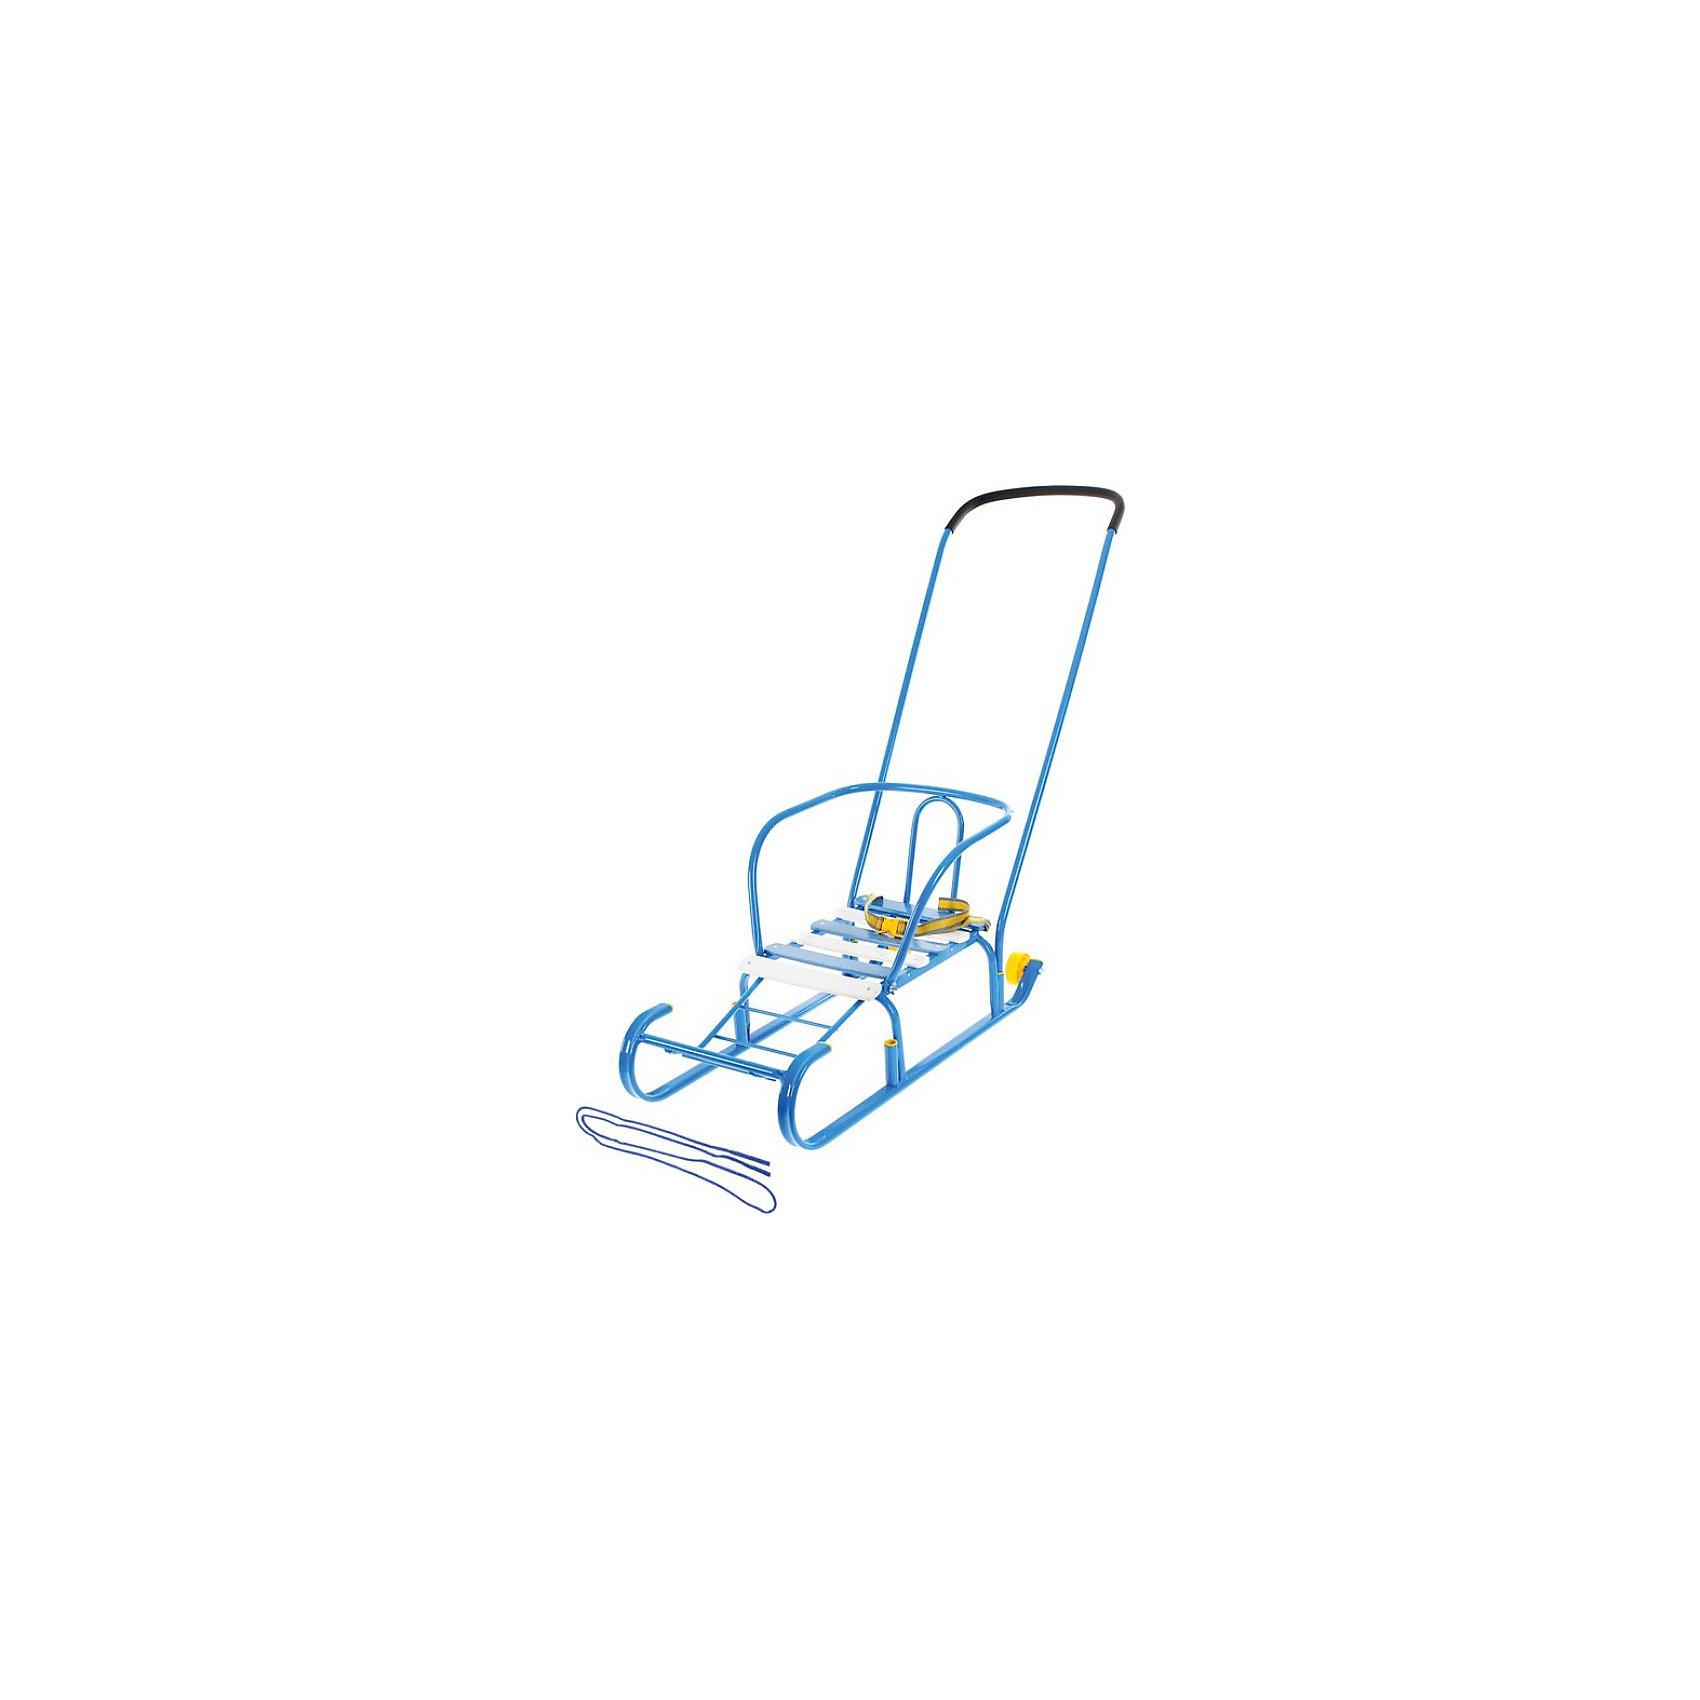 Санки-салазки с колесом Ника (ССК)Санки-салазки сделаны из прочного металлического профиля. Плоские полозья делают их более проходимыми по снегу. Ручка переставляется вперед/назад для того, что бы возить ребенка как спиной, так и лицом к себе. Детские салазки имеют ремень безопасности для малышей, которым ребенка можно зафиксировать, что предотвратит его сползание в санках и вылезания во время движения. Санки салазки имеют колеса! Поэтому эти санки нести не надо - их можно катить на задних колесиках.<br><br>Дополнительная информация:<br><br>- плоские полозья 30х15 мм <br>- удлиненная база<br>- поперечная рейка<br>- пластиковые вкладыши под толкатель<br>- ручка два положения<br>- задние колёсики<br>- ремень безопасности<br>- ступенчатая подножка<br><br>Санки-салазки с колесом Ника (ССК) можно купить в нашем магазине.<br><br>Ширина мм: 830<br>Глубина мм: 360<br>Высота мм: 180<br>Вес г: 3500<br>Возраст от месяцев: 12<br>Возраст до месяцев: 60<br>Пол: Унисекс<br>Возраст: Детский<br>SKU: 3894432